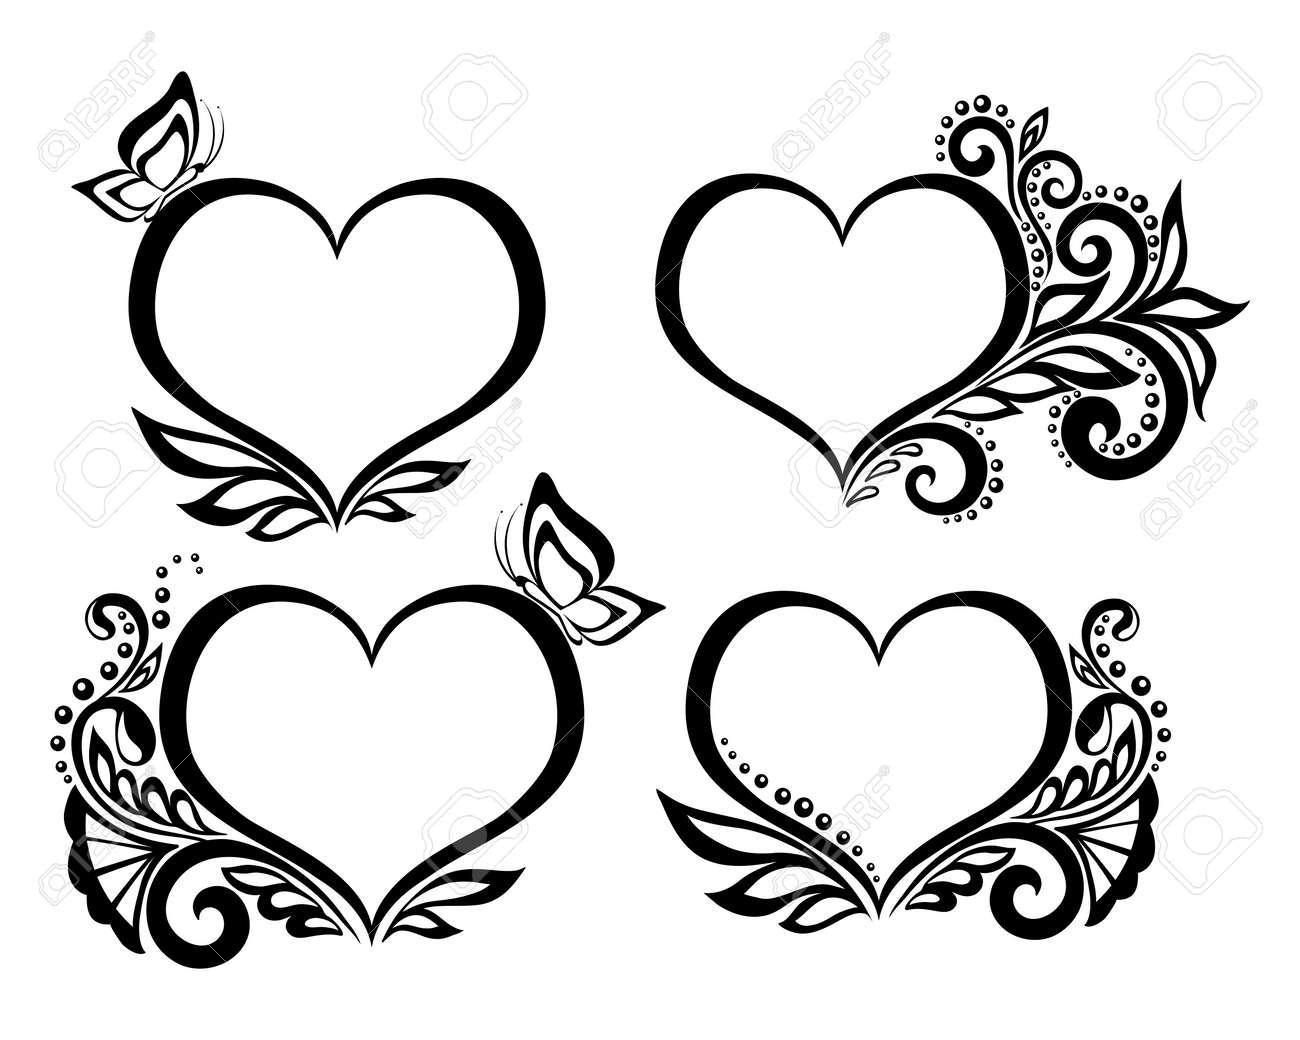 banque dimages ensemble de beau symbole noir et blanc dun coeur avec motif floral et papillon pour les cartes de vux et des invitations de mariage